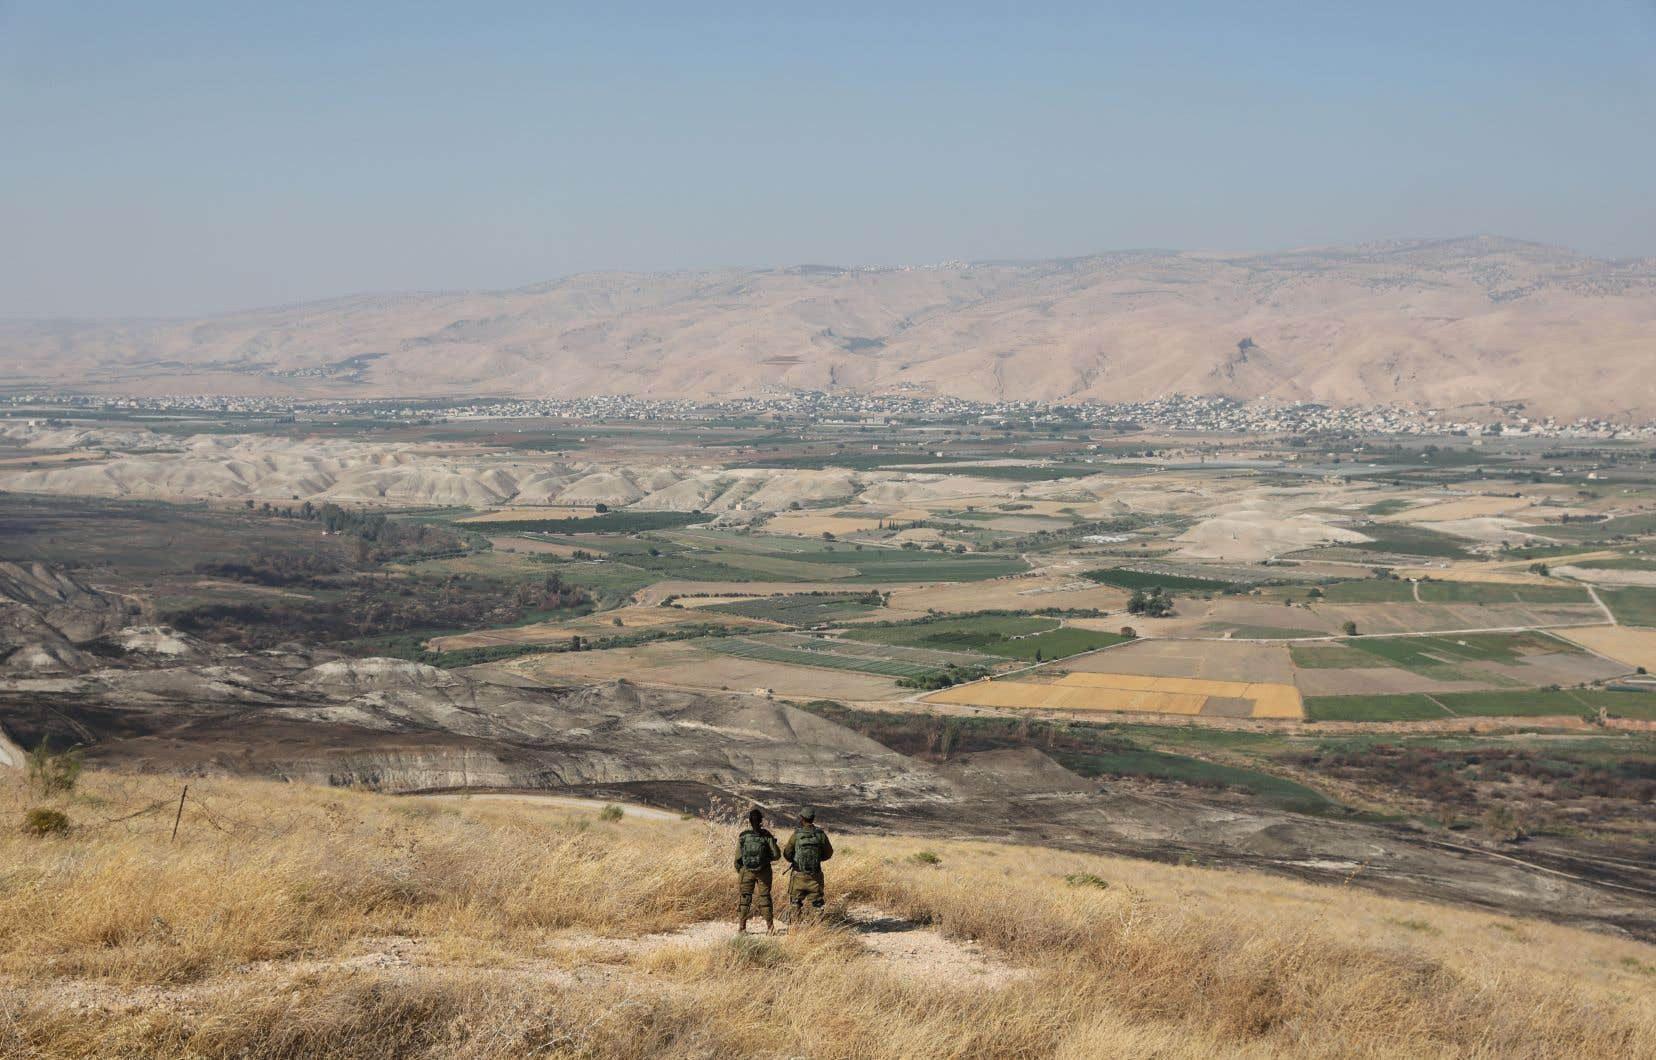 La vallée du Jourdain représente environ 30% de la Cisjordanie, territoire palestinien occupé par Israël depuis 1967.